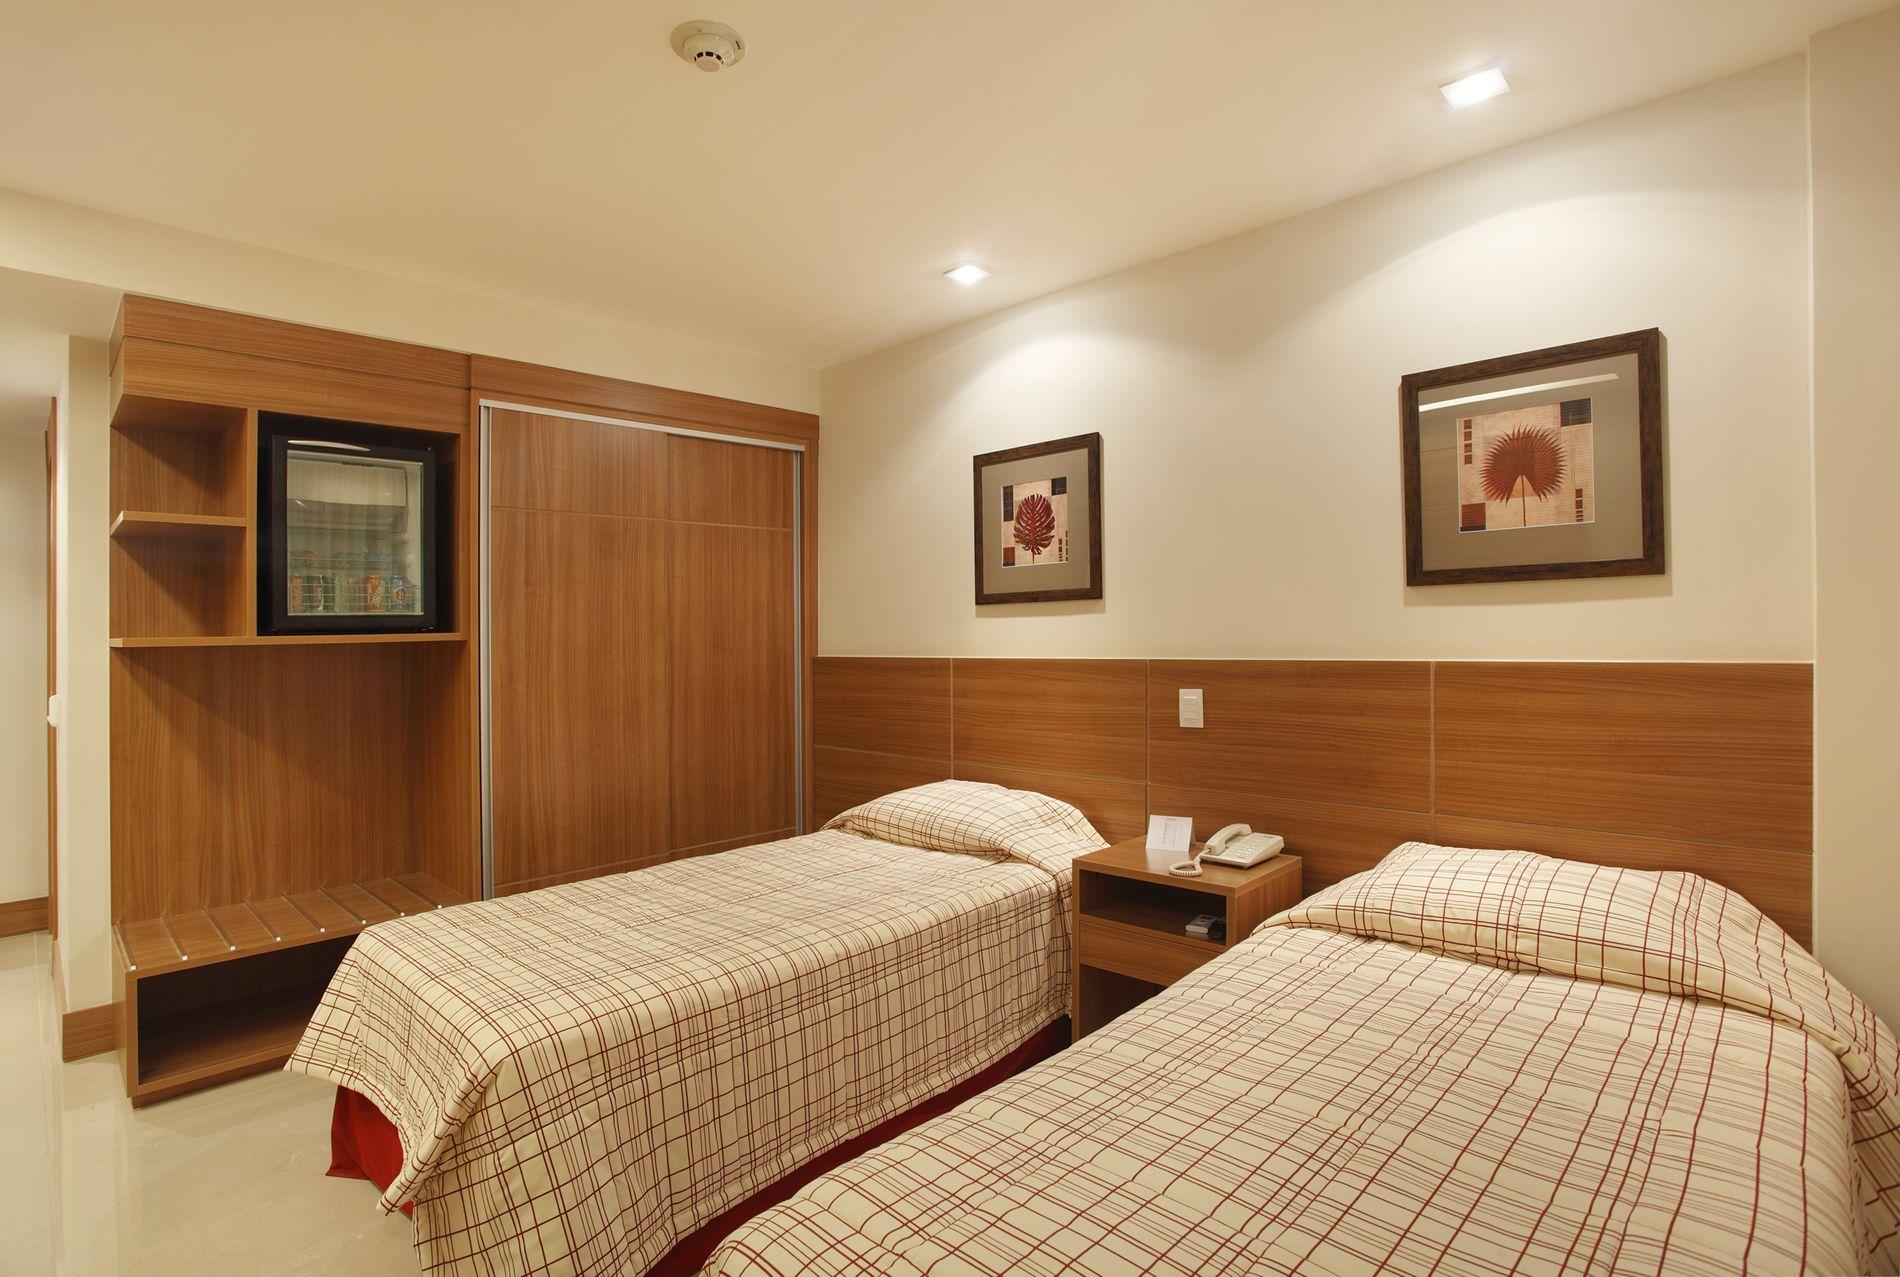 Decoração de Interiores Projeto de Hotelaria Hotel Granada #7D441C 1900 1277